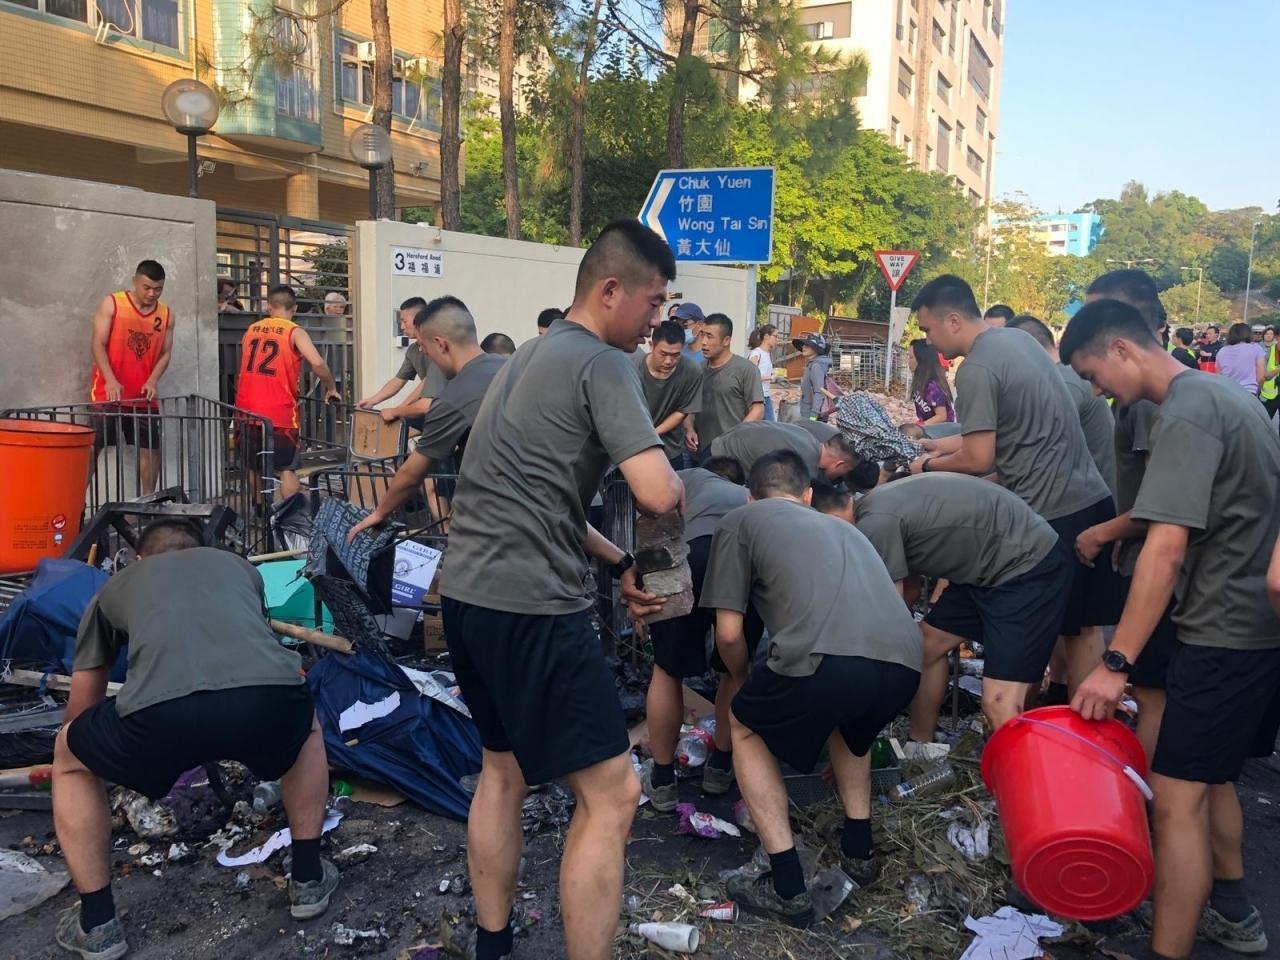 لأول مرة.. الجيش الصيني يزيل متاريس في شوارع هونغ كونغ